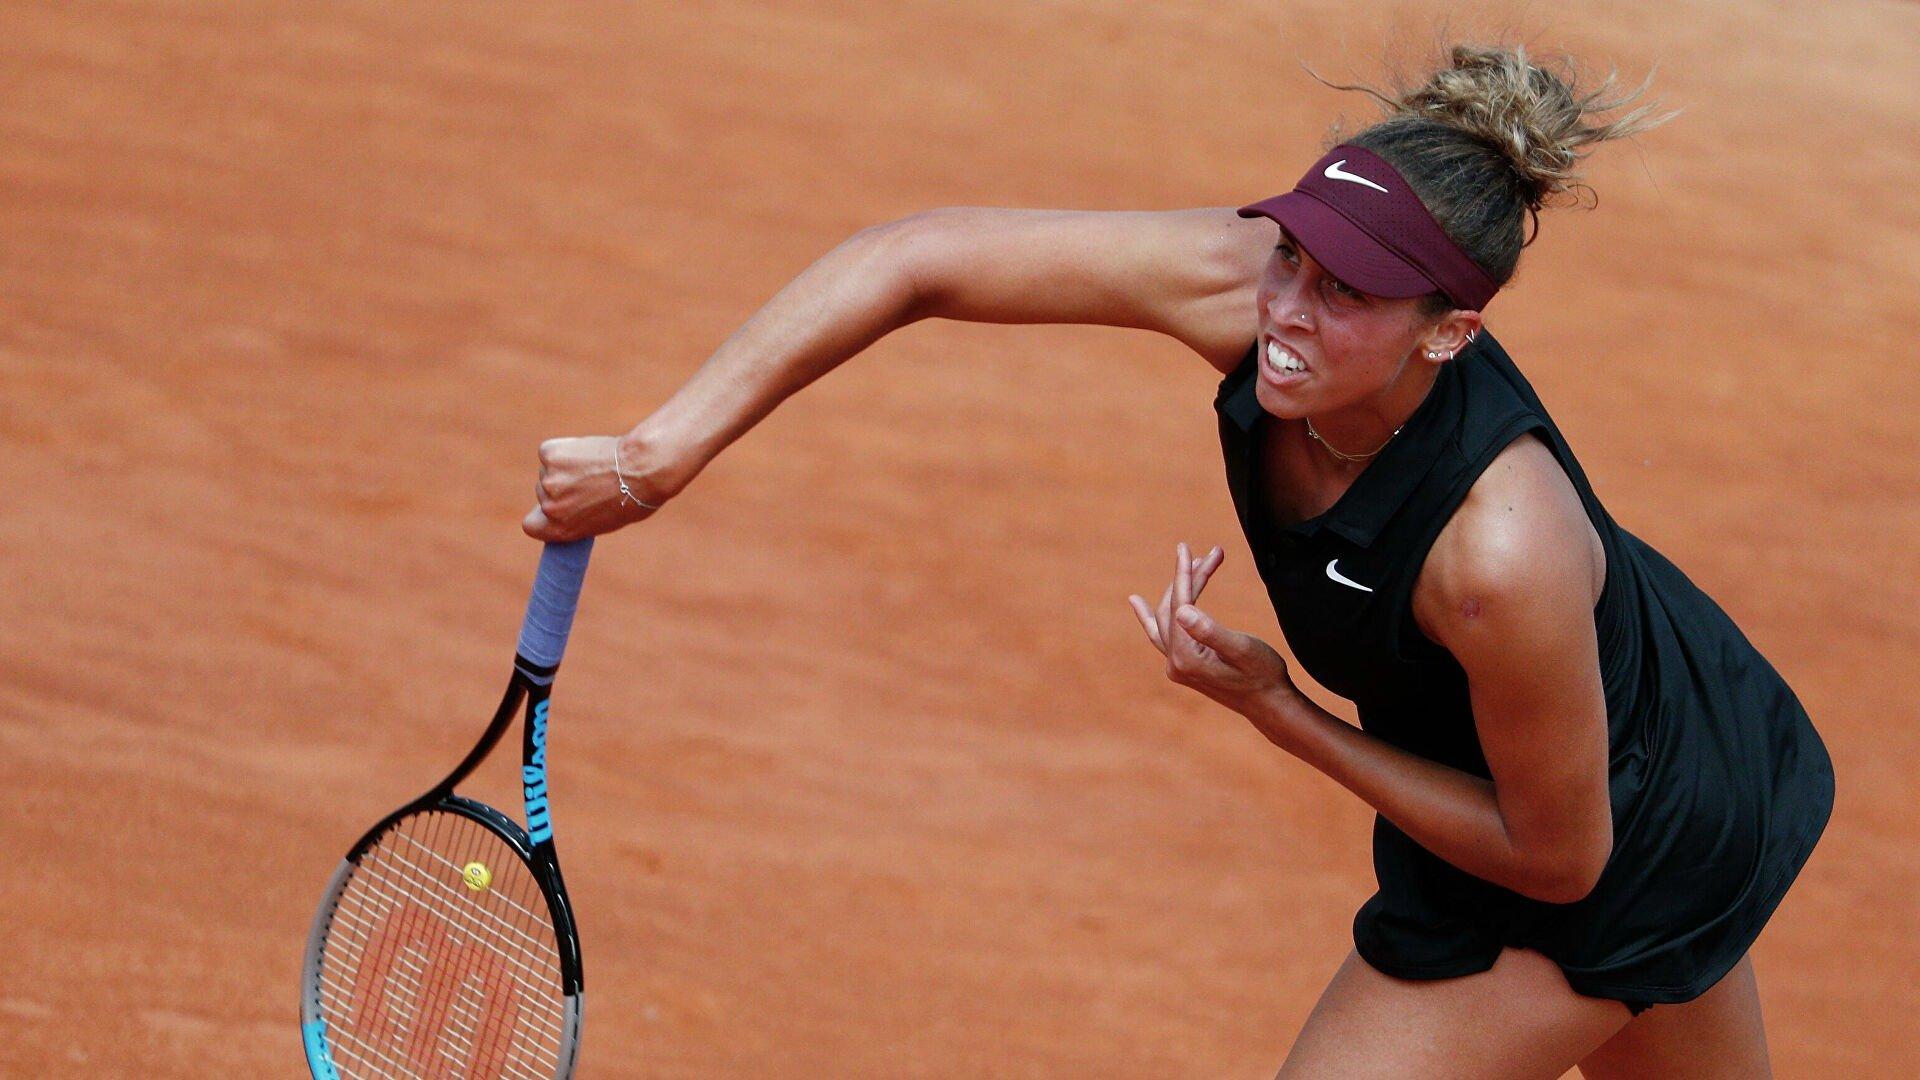 Мэдисон Киз - Виктория Голубич. Прогноз и ставки на теннис. 5 июля 2021 года